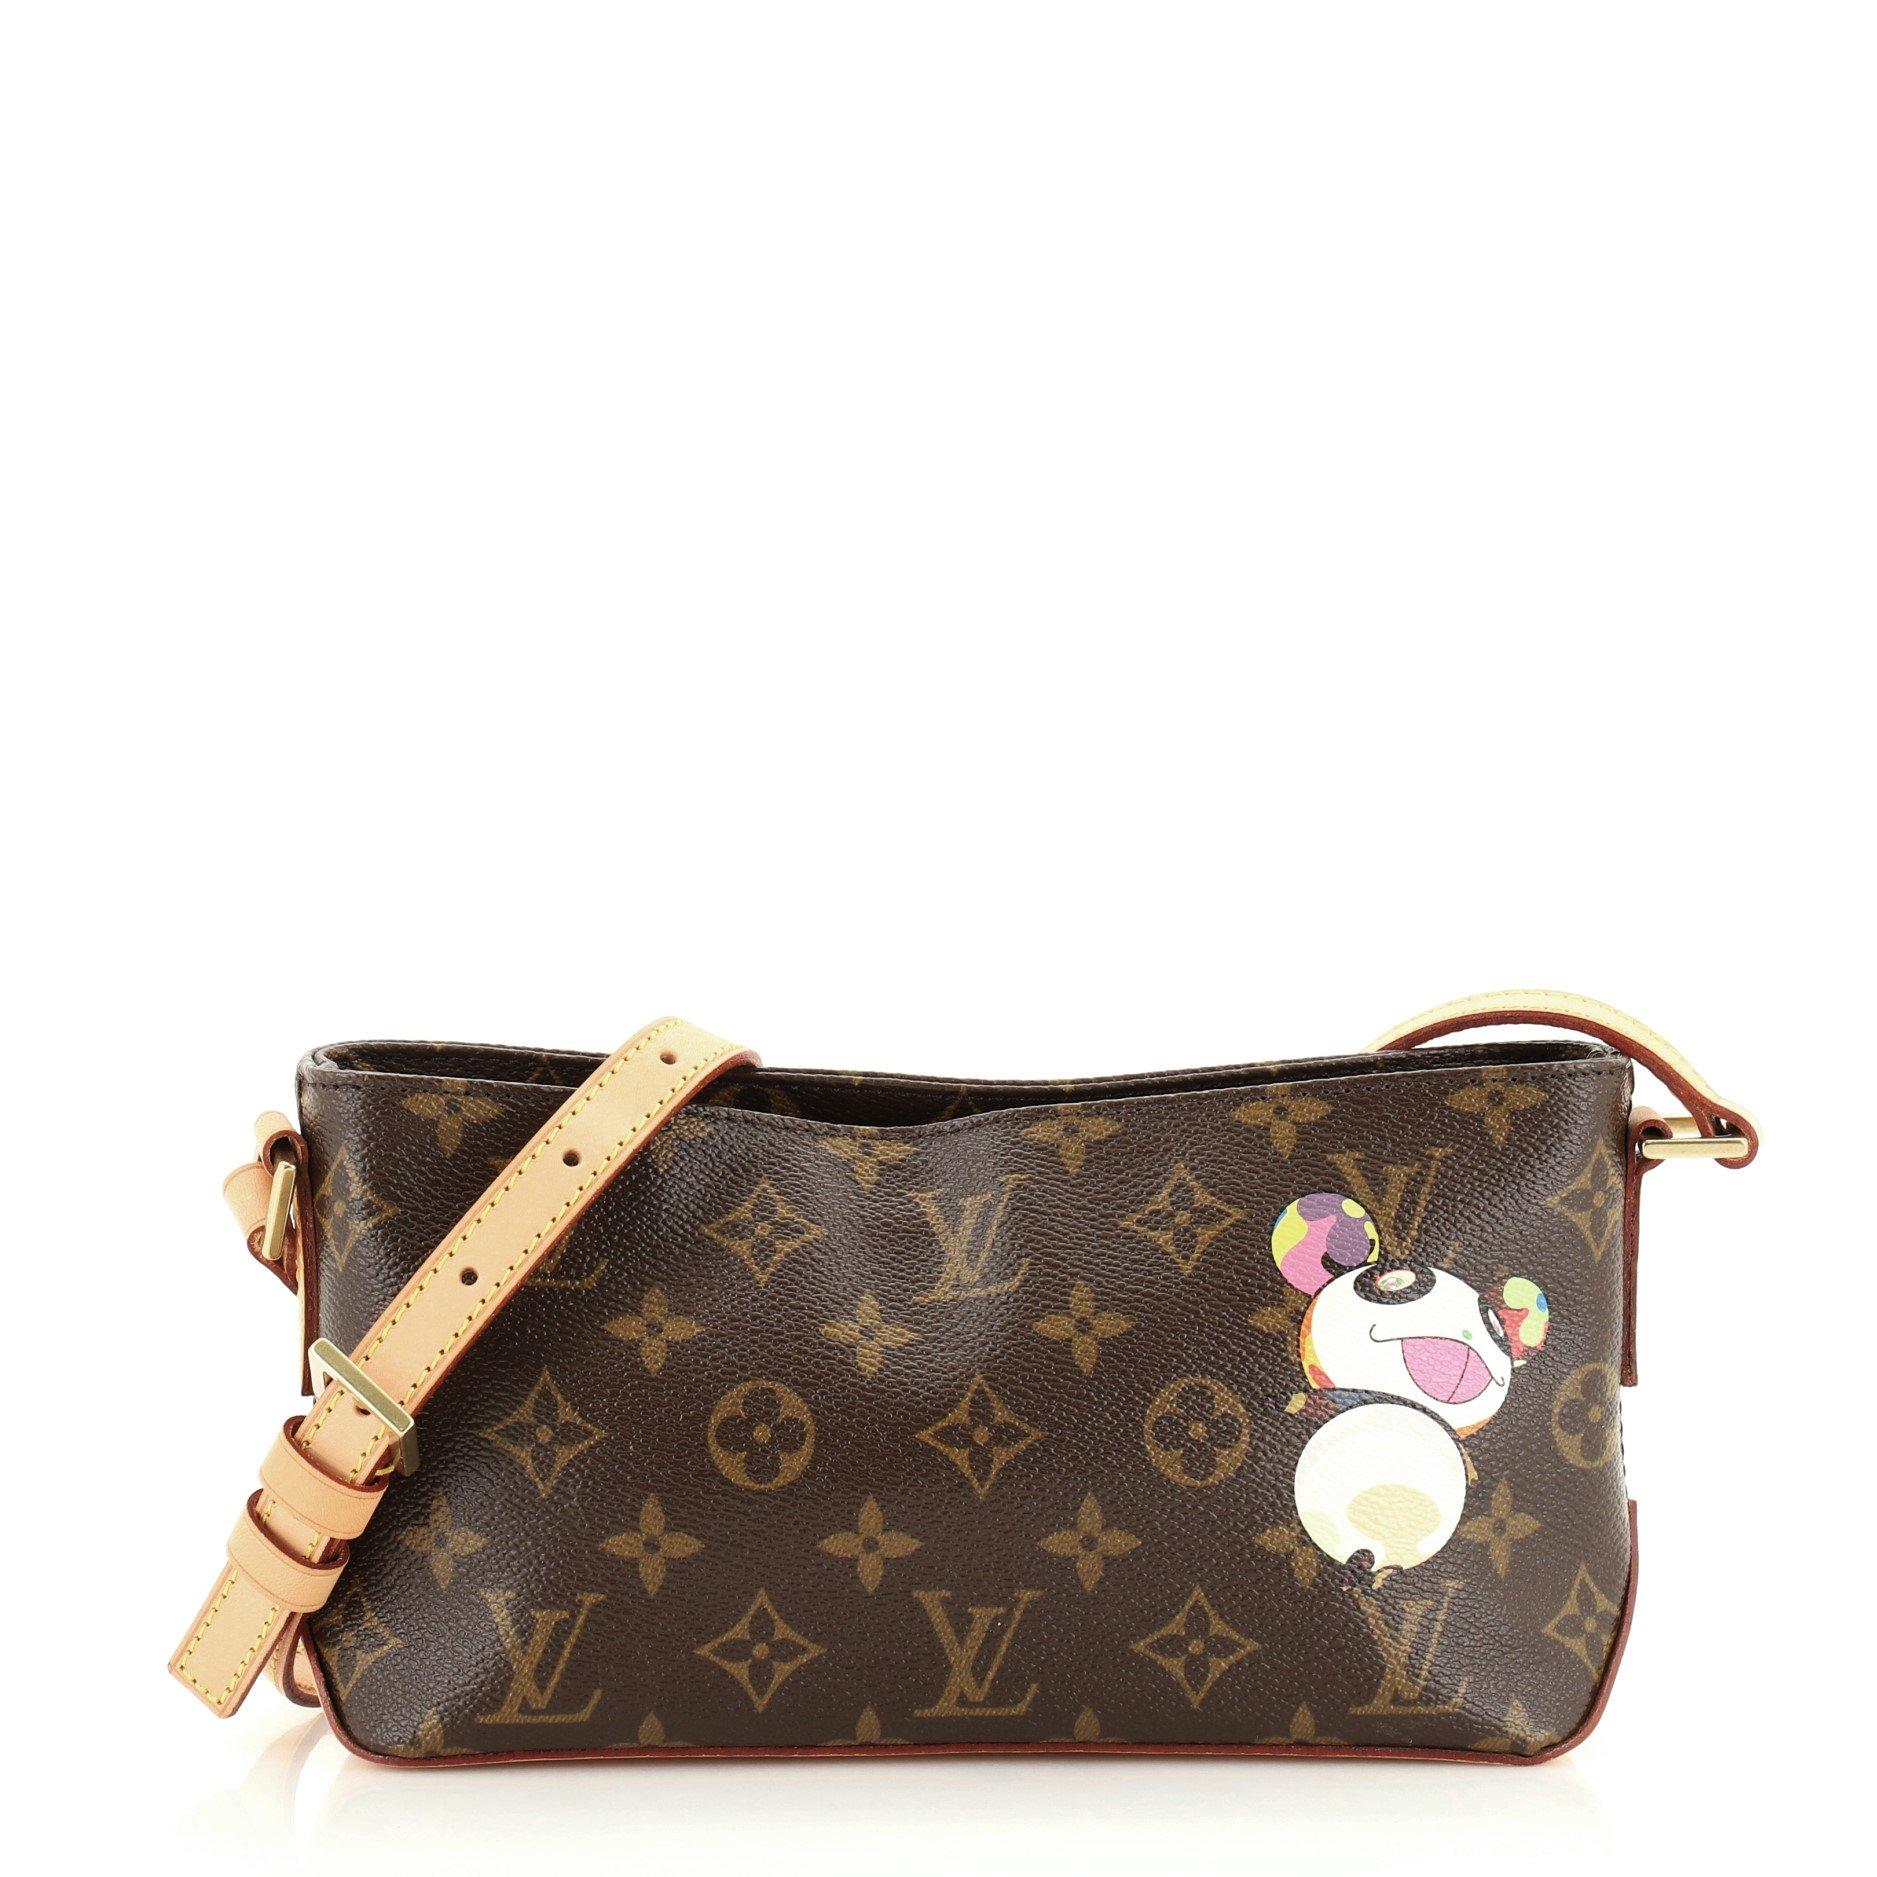 Louis Vuitton Trotteur Handbag Monogram Murakami Panda